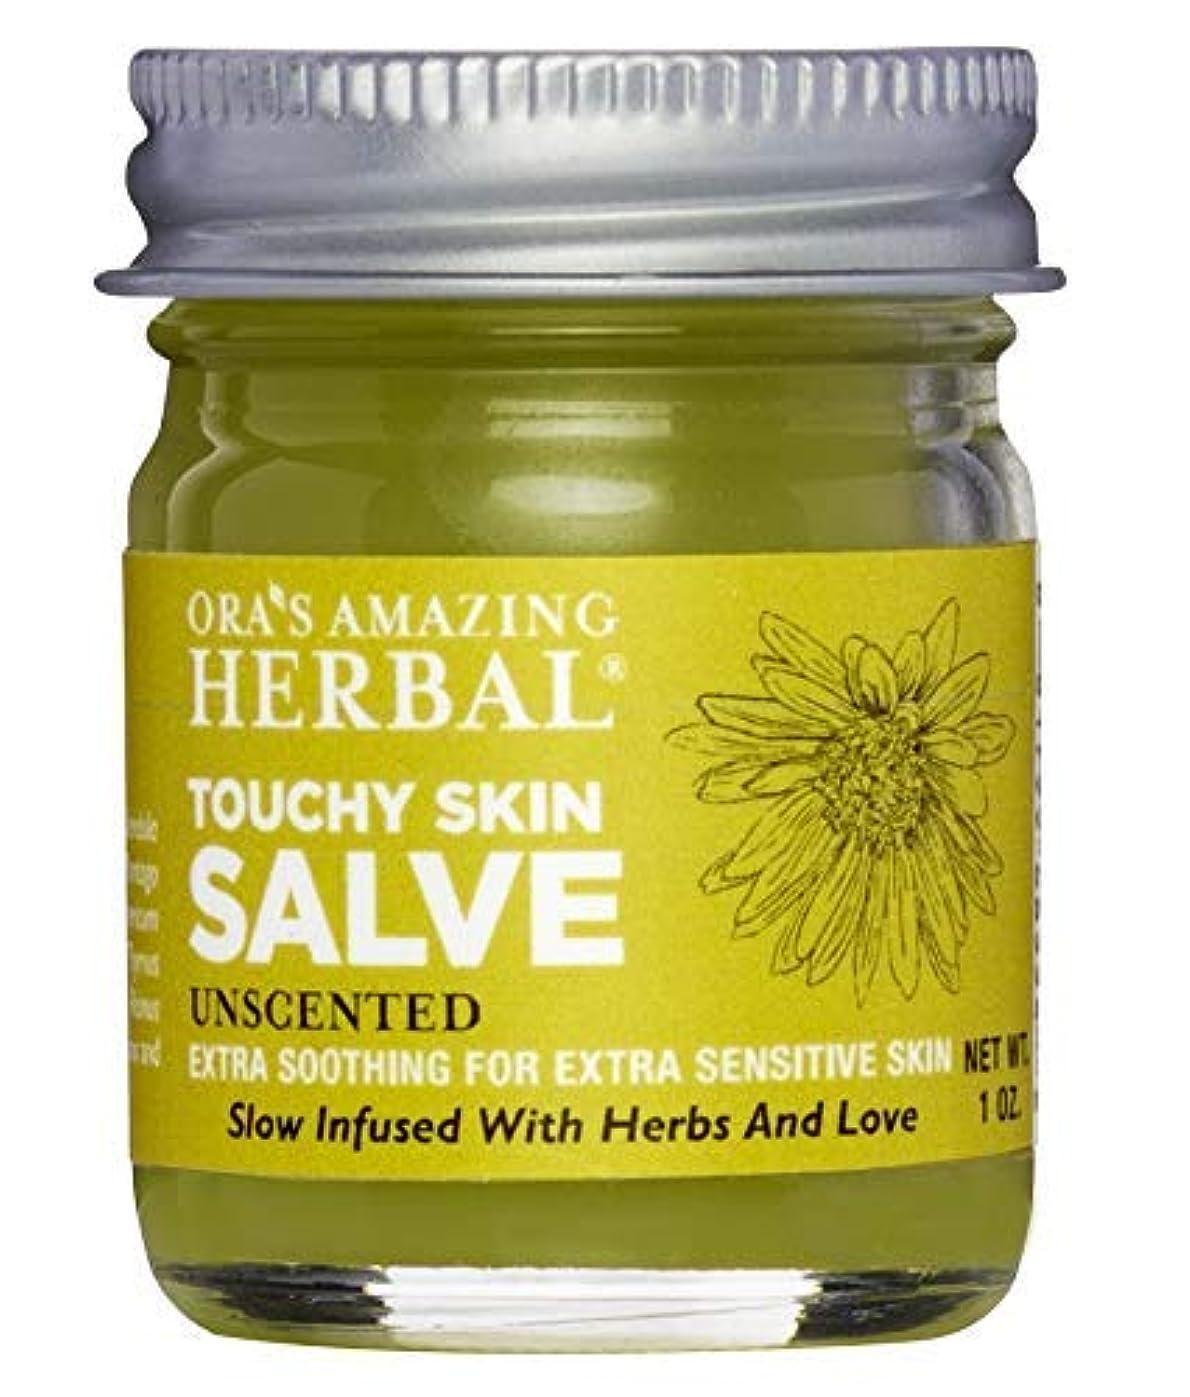 倉庫エンターテインメント週末Touchy Skin Healing Salve Intensive Moisturizer for Dry Skin by Ora's Amazing Herbal